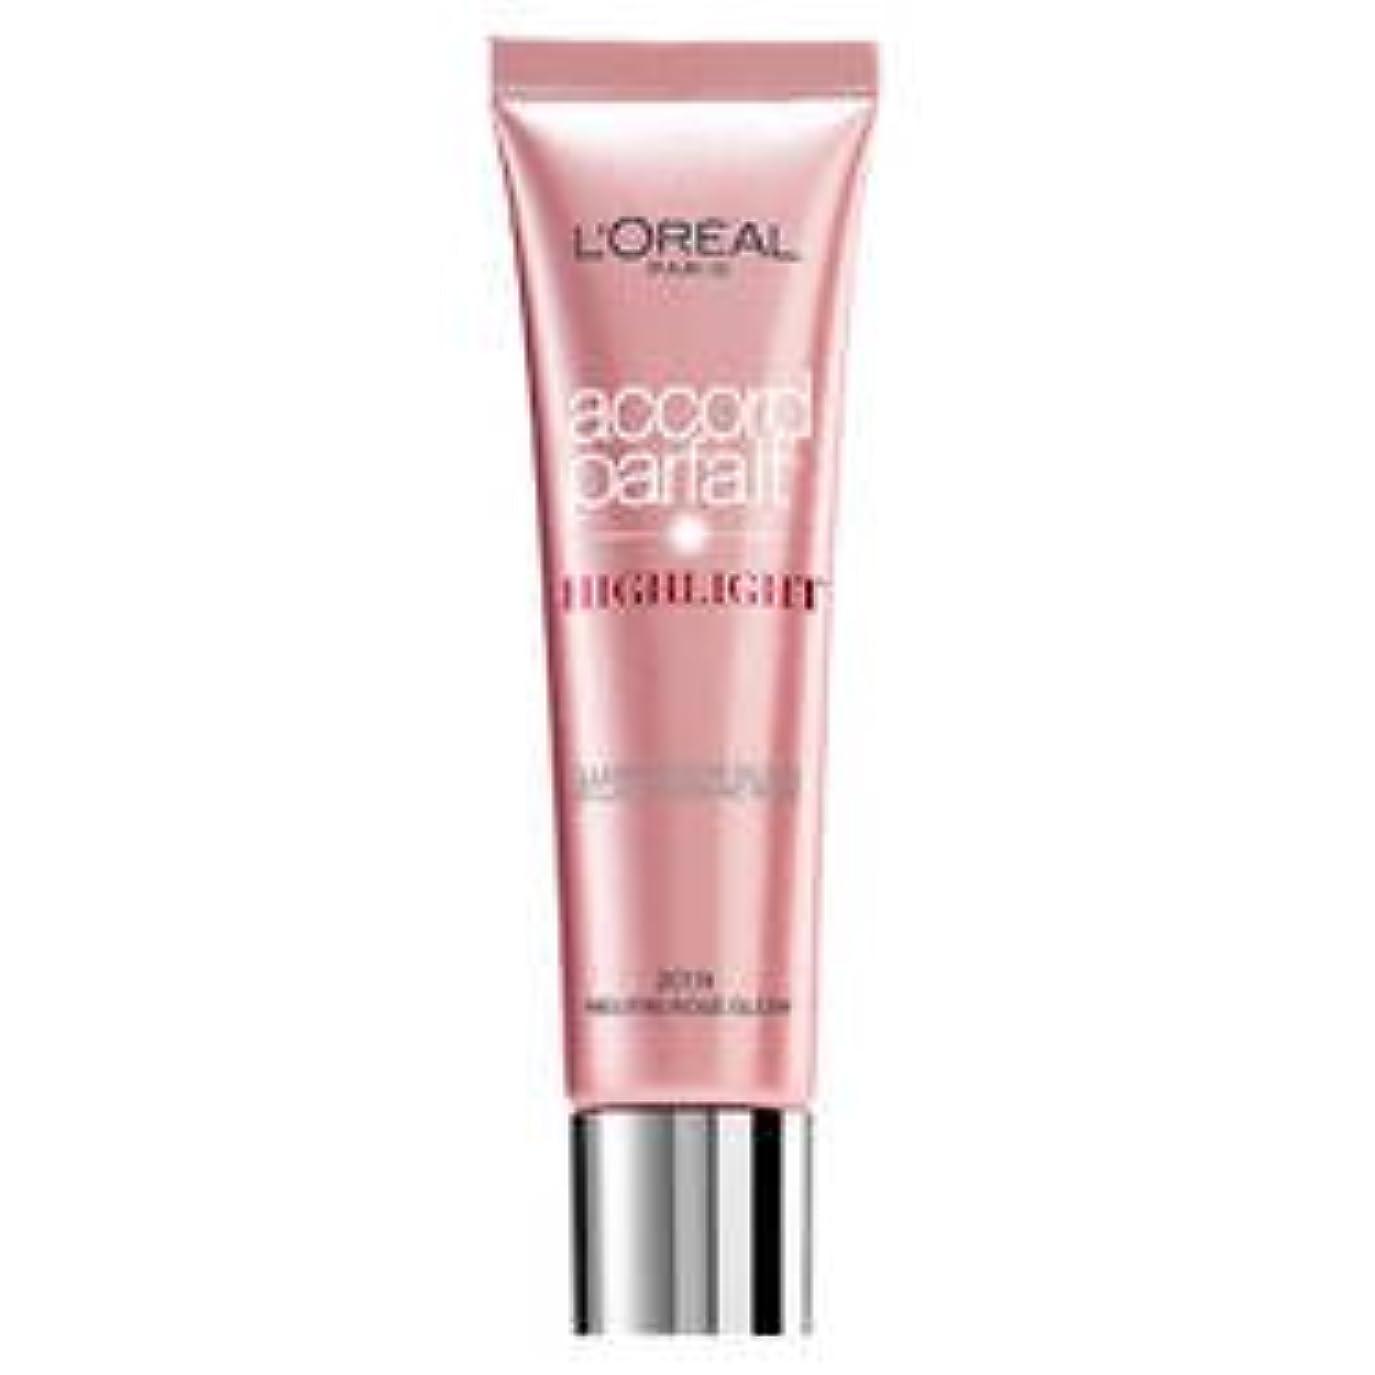 ロードハウス論文ミュージカルL 'Oréal Paris Accord Parfait Highlight Enlumineur Liquide 201 Rose